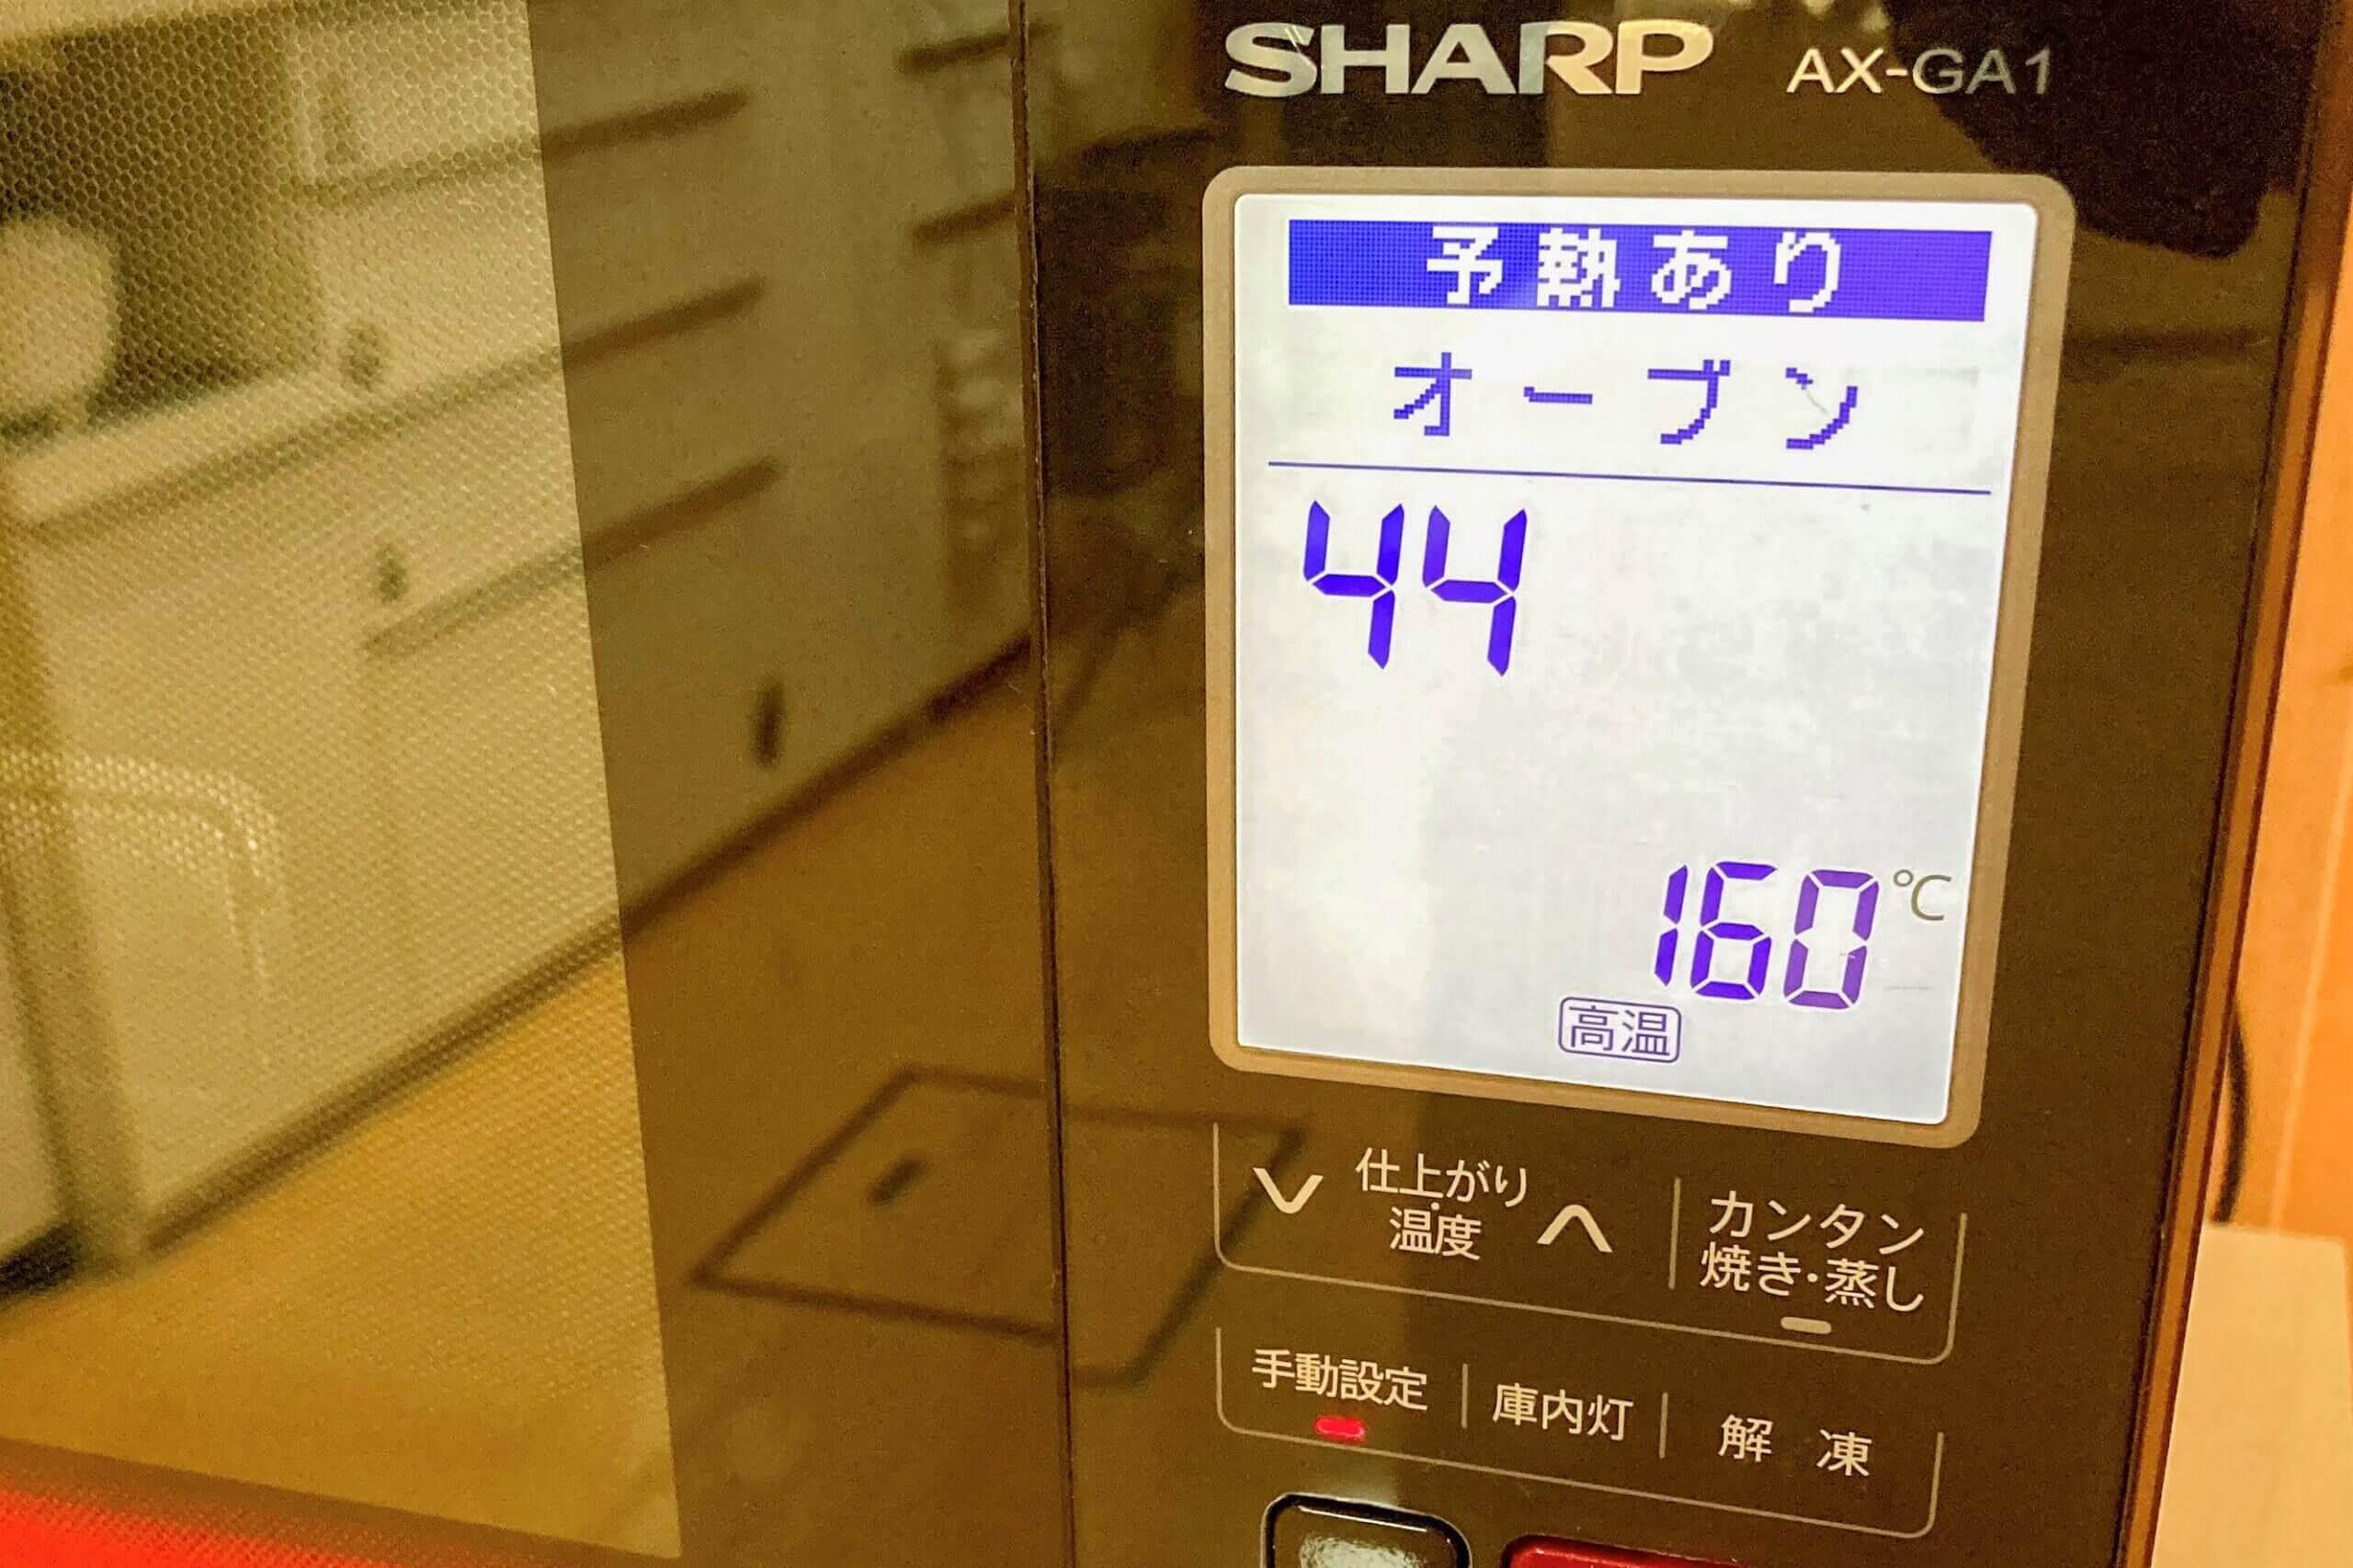 160℃でオーブンの予熱を開始する